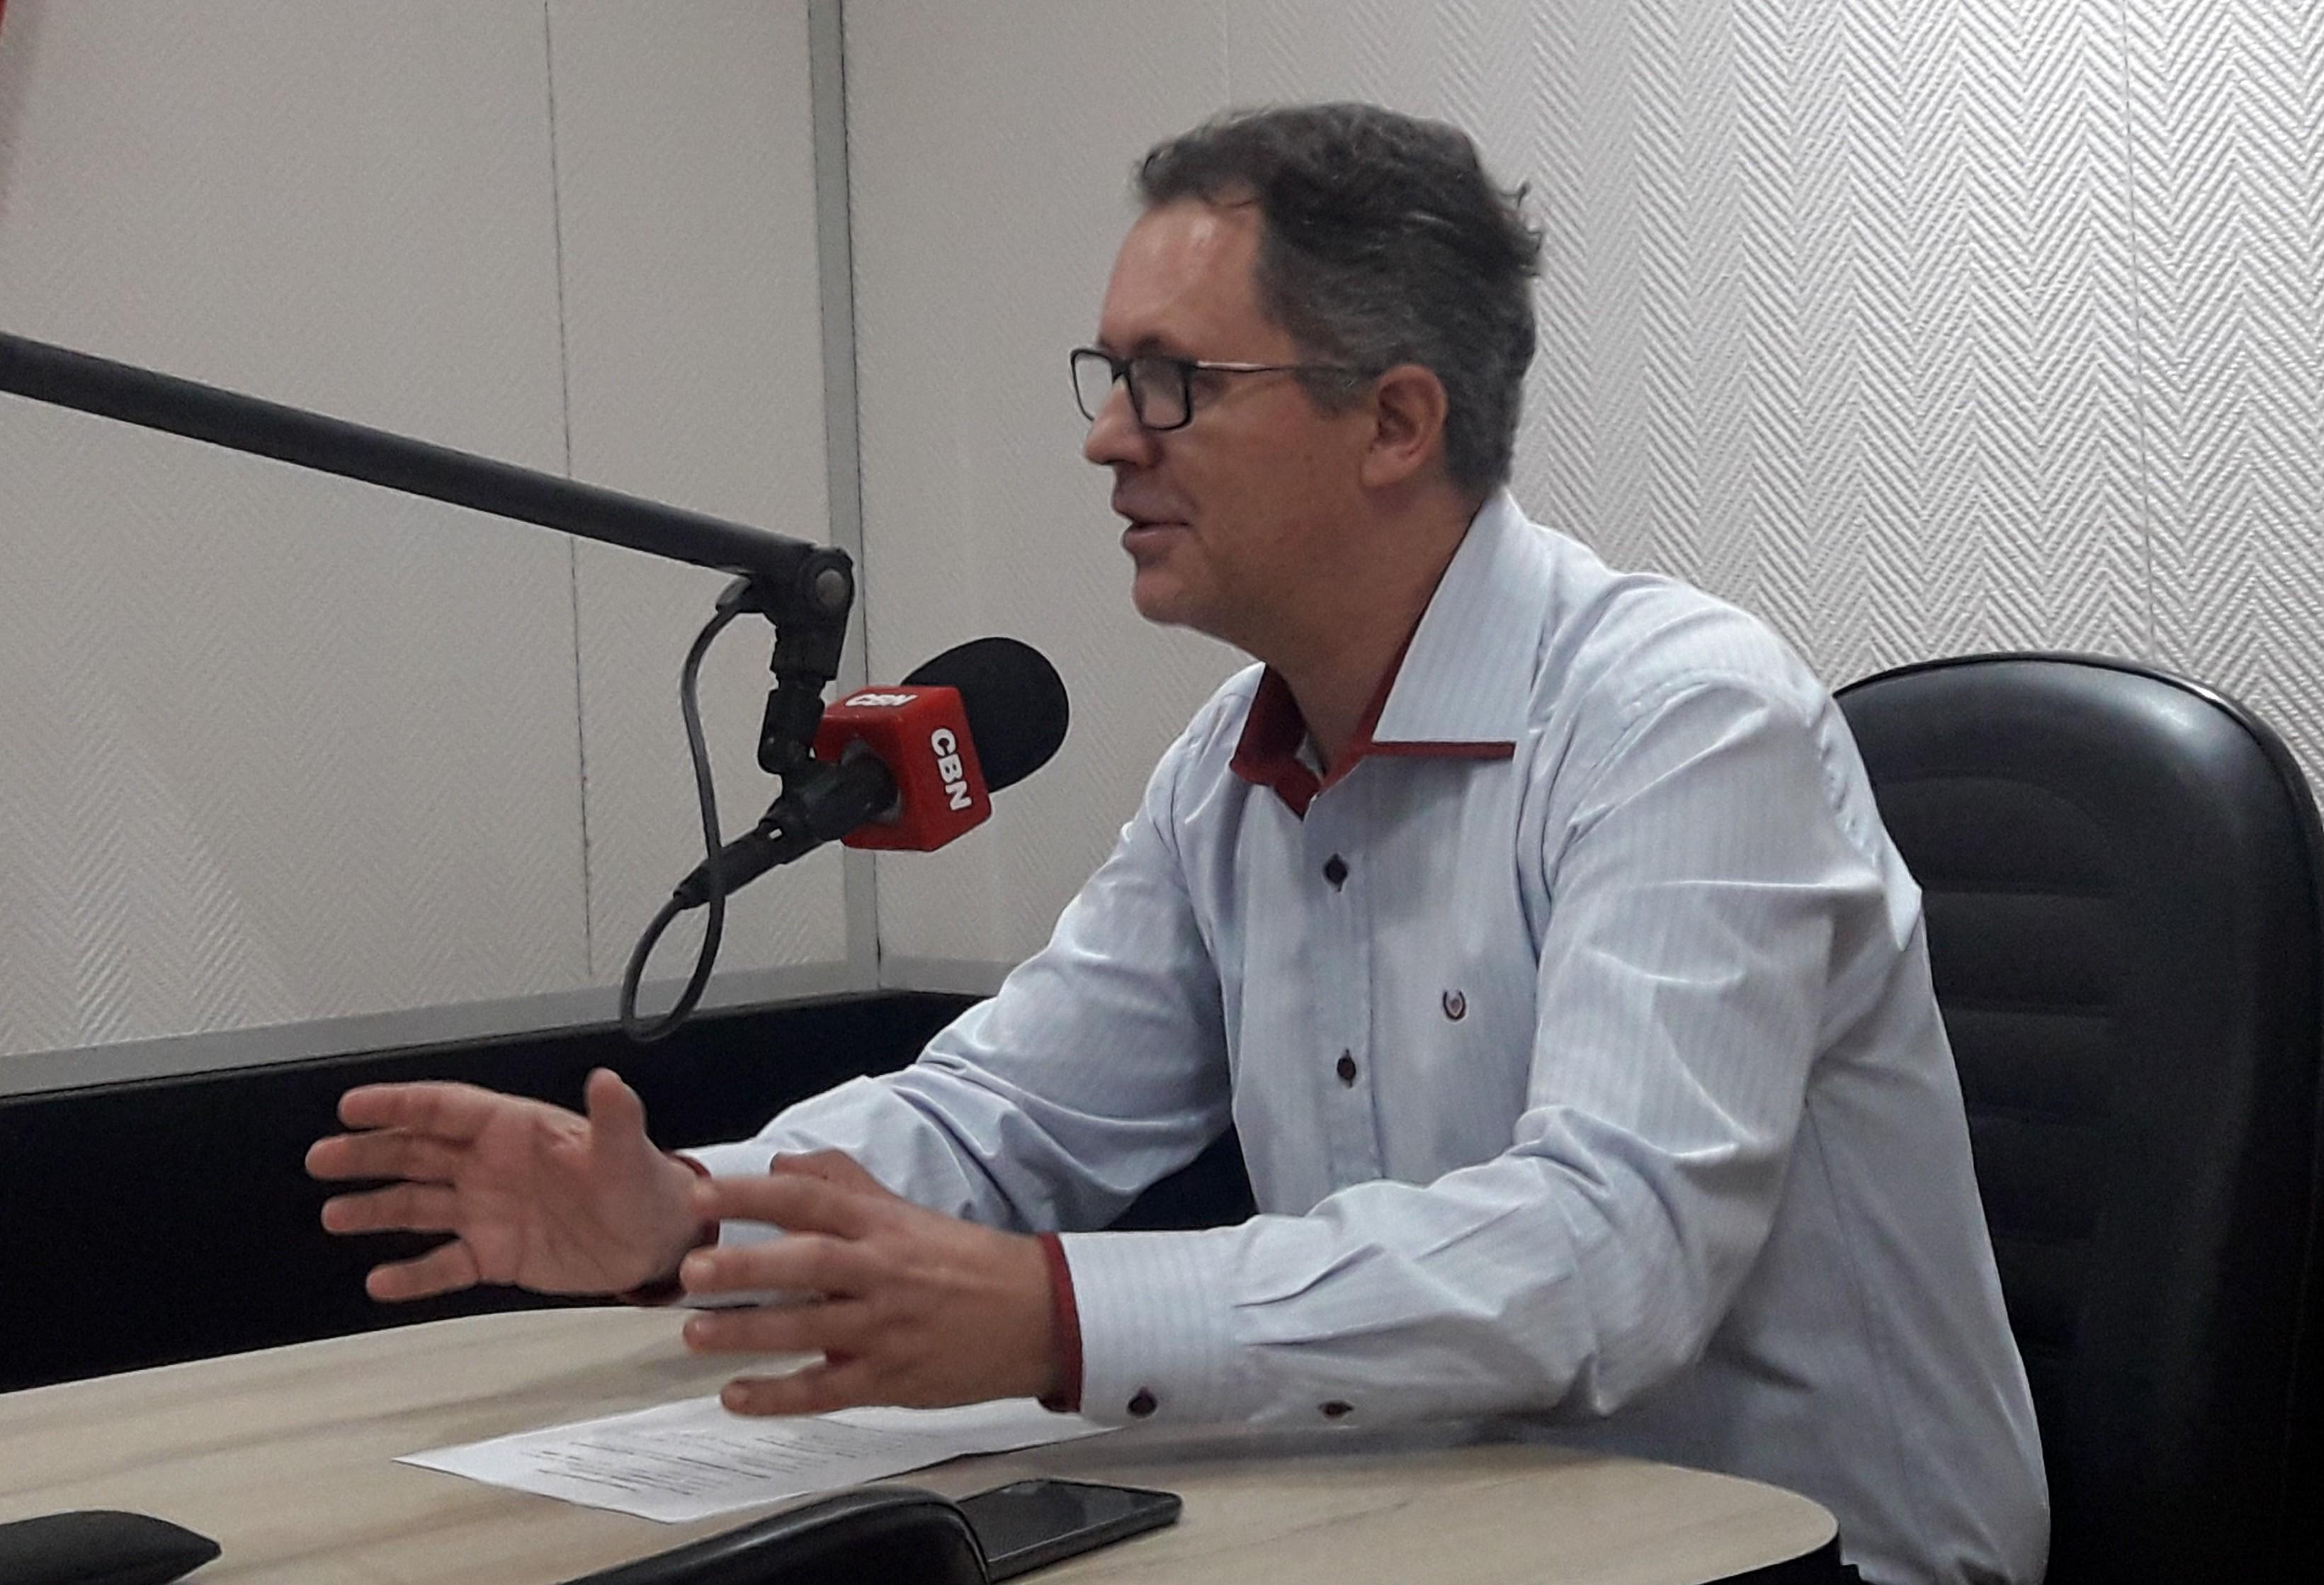 Tributação brasileira contribui para descaminho e contrabando, diz advogado